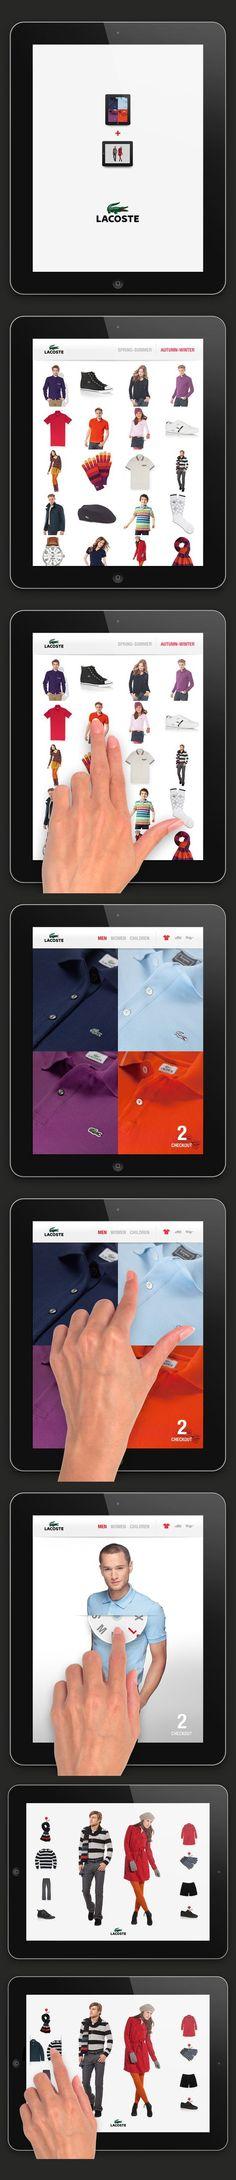 Lacoste iPad app | Designer: Pierrick Calvez Studio Ltd.: